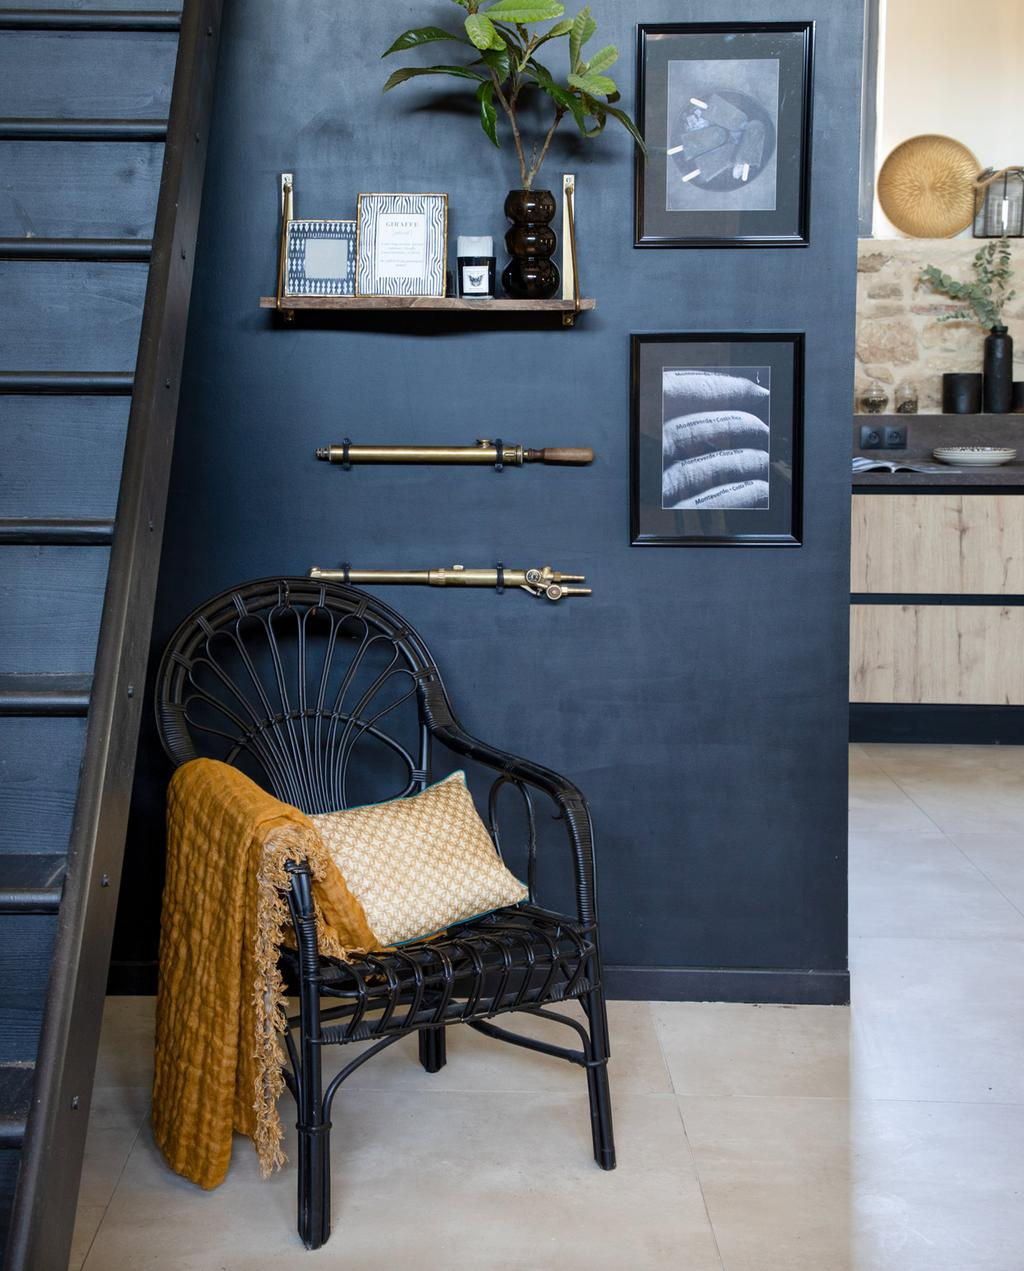 vtwonen 05-2021 | zwarte muur met zwarte stoel en decoraties